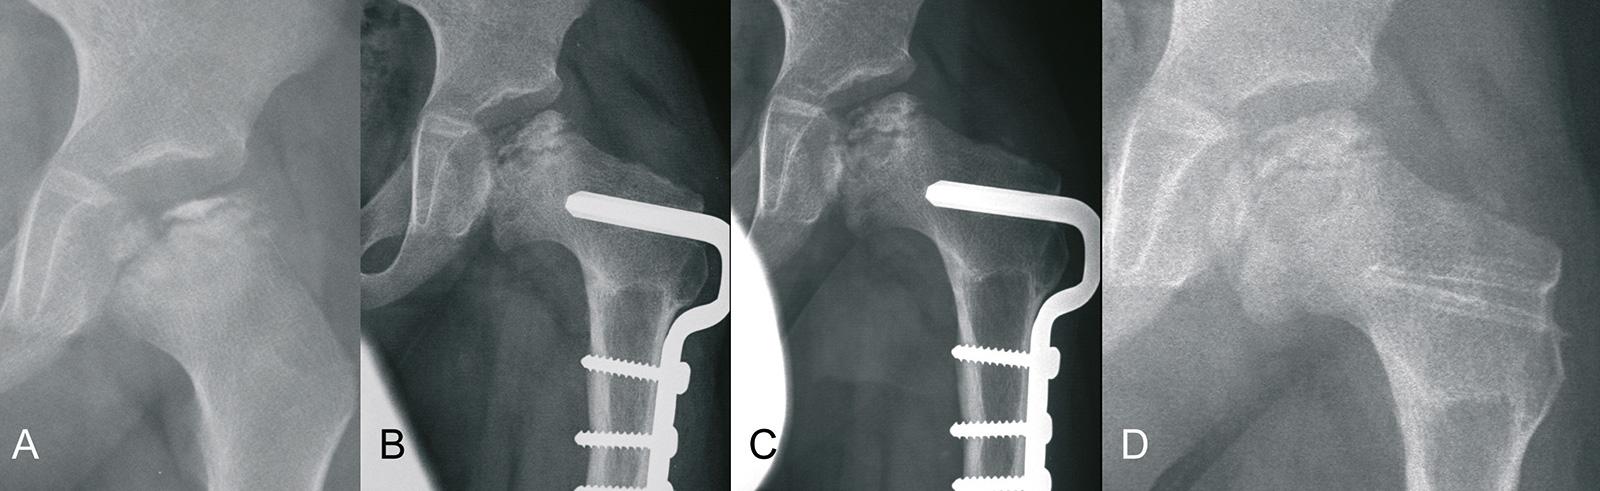 Abb. 4-16: 5-jähriger Patient mit einem Morbus Perthes (A), nach derotierender-varisierender Osteotomie (DVO) im Alter von 5.5 (B) und 6.5 Jahren (C), sowie nach Metallentfernung im Alter von 8 Jahren (D) (Eigentum des Instituts für Klinische Radiologie d